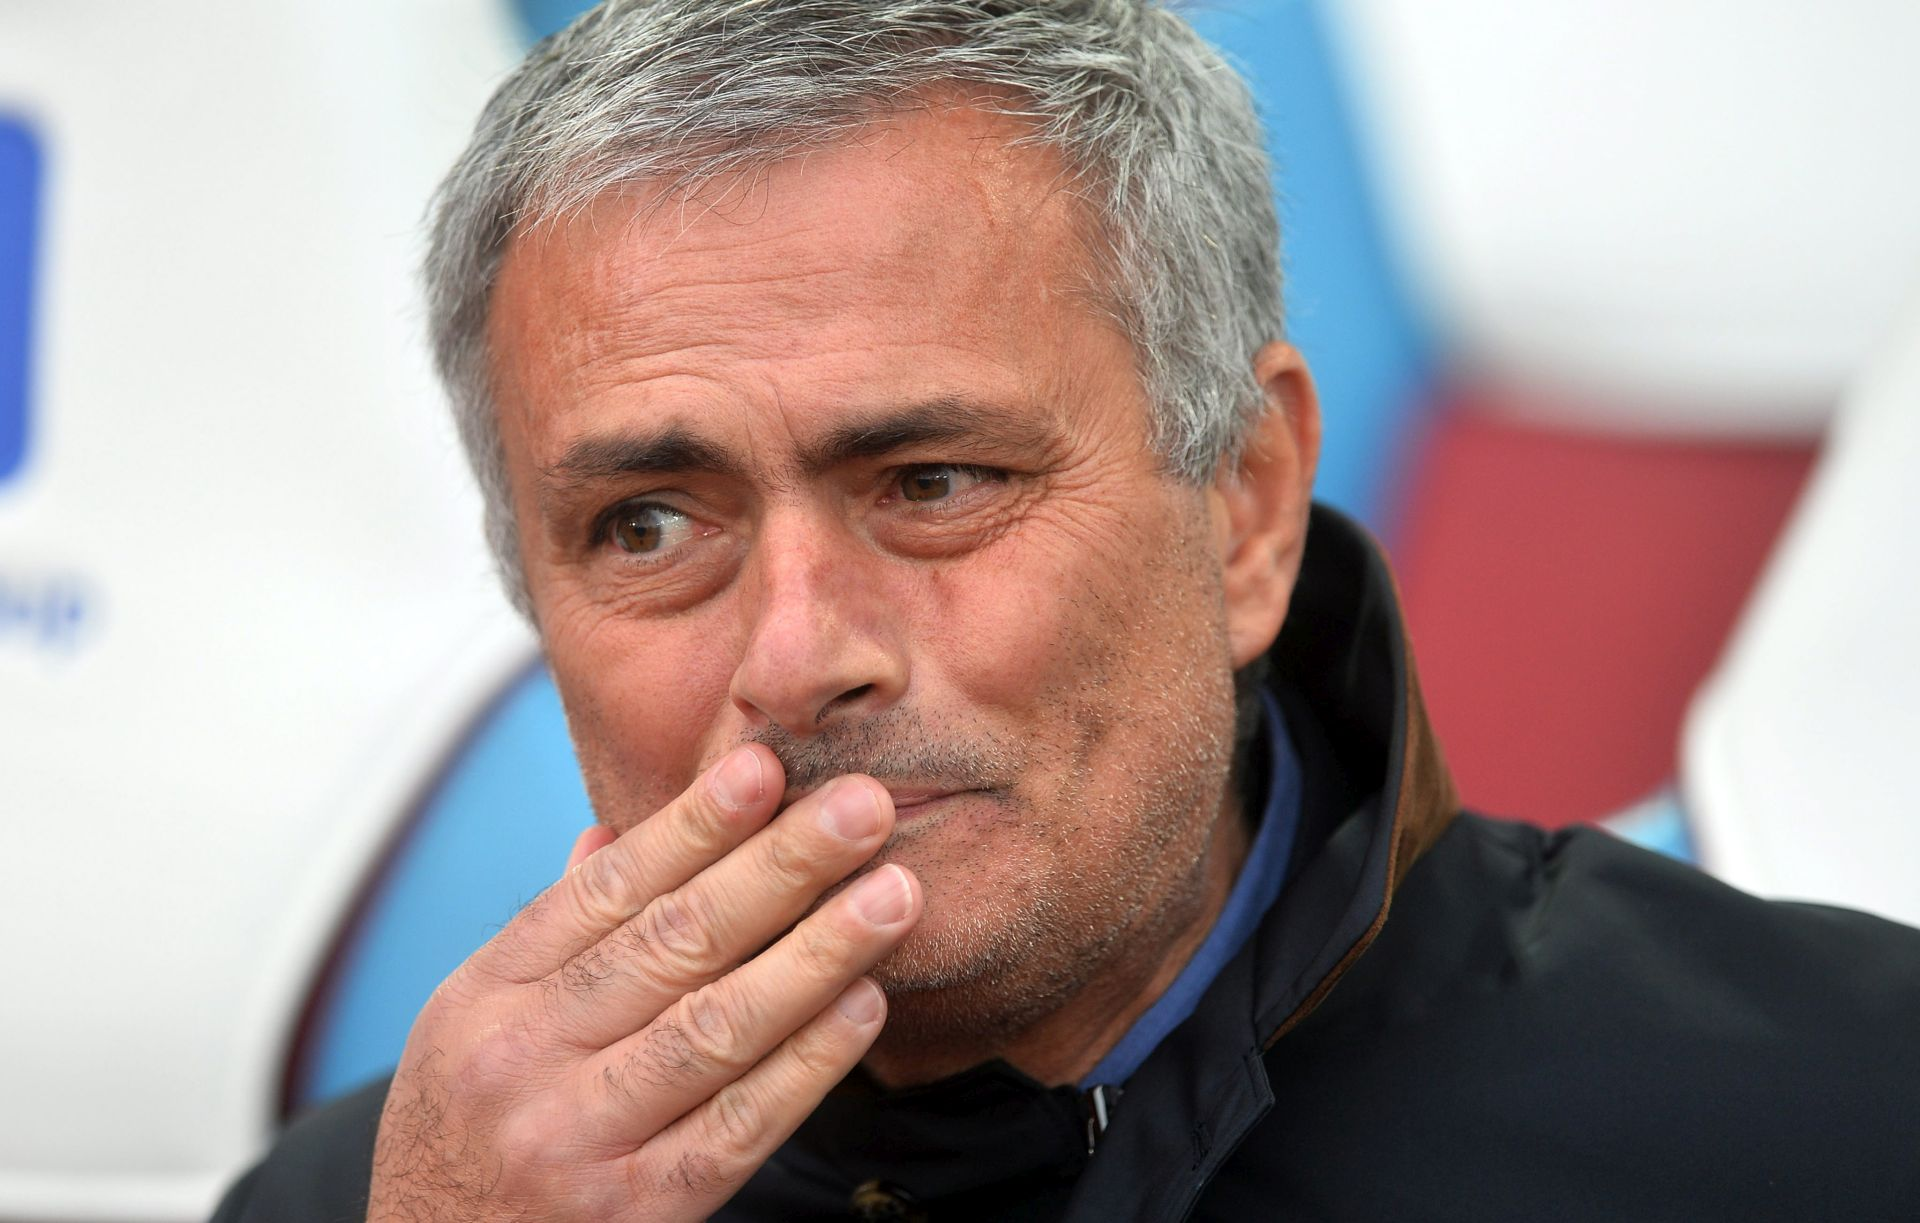 THE SPECIAL ONE POD POJAČANIM PRITISKOM Dok Mourinho šuti bujaju špekulacije